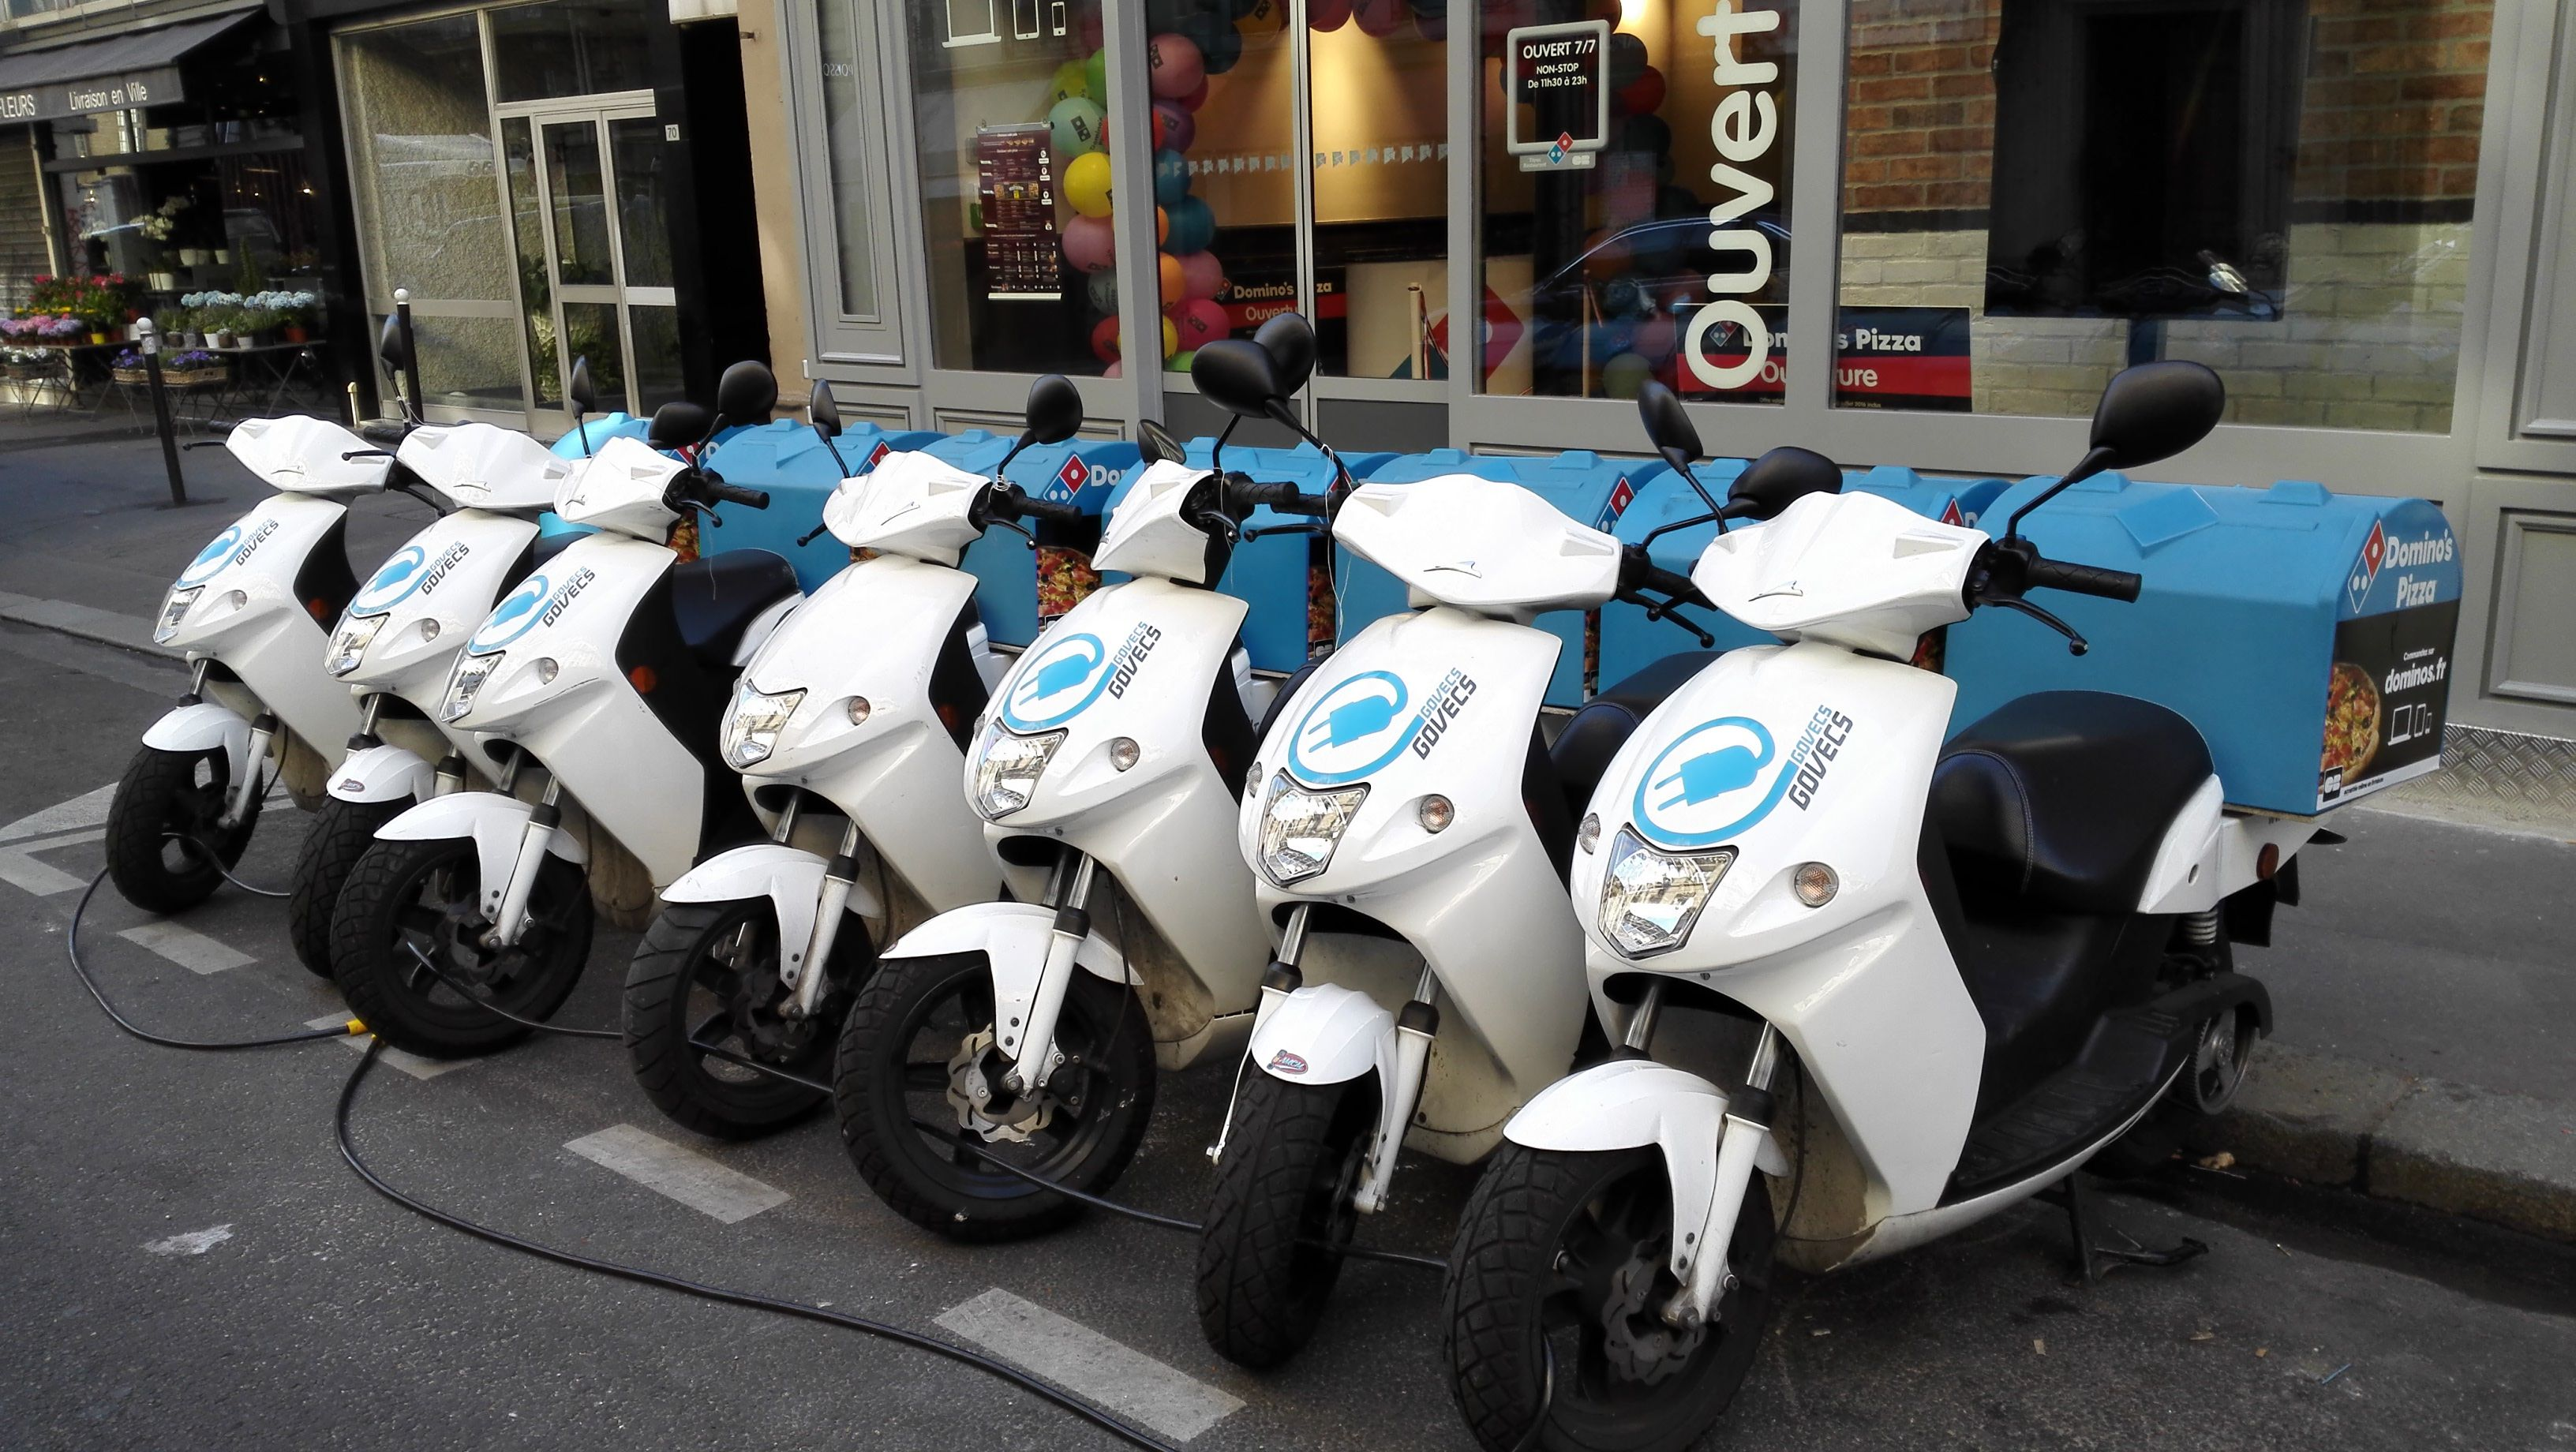 flotte de scooters lectriques domino 39 s pizza logistique urbaine logistique urbain et scooters. Black Bedroom Furniture Sets. Home Design Ideas